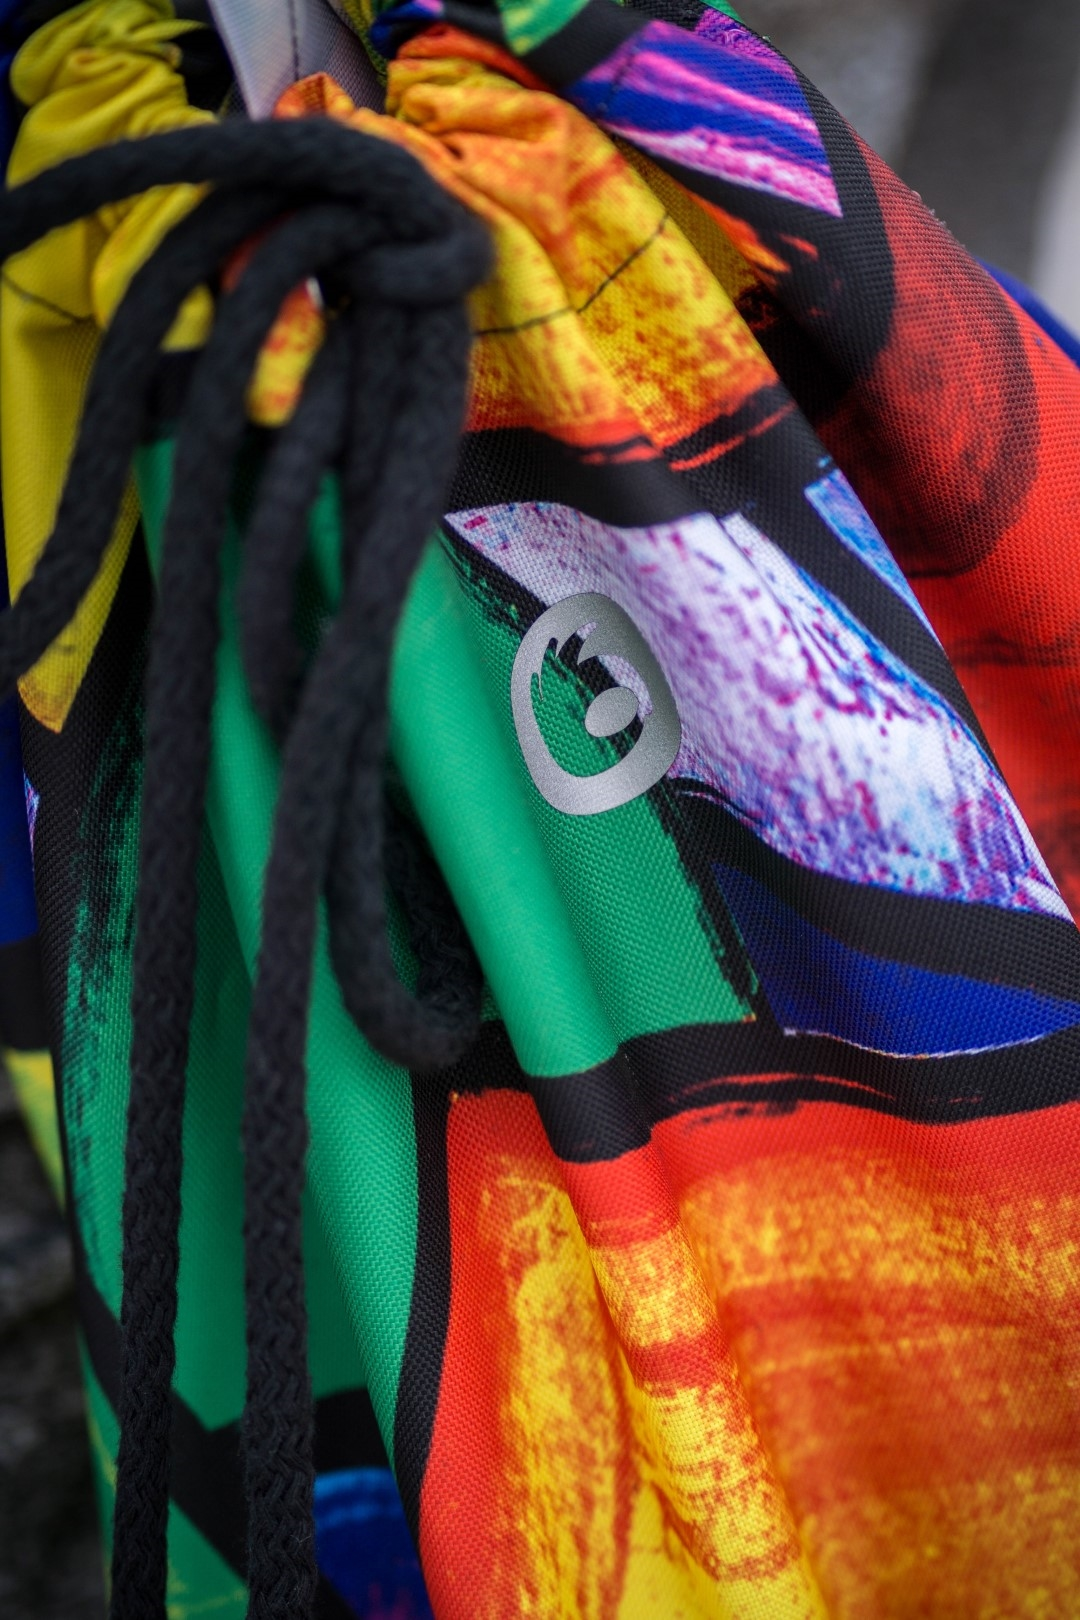 kolorowy worek marynarski pikasa